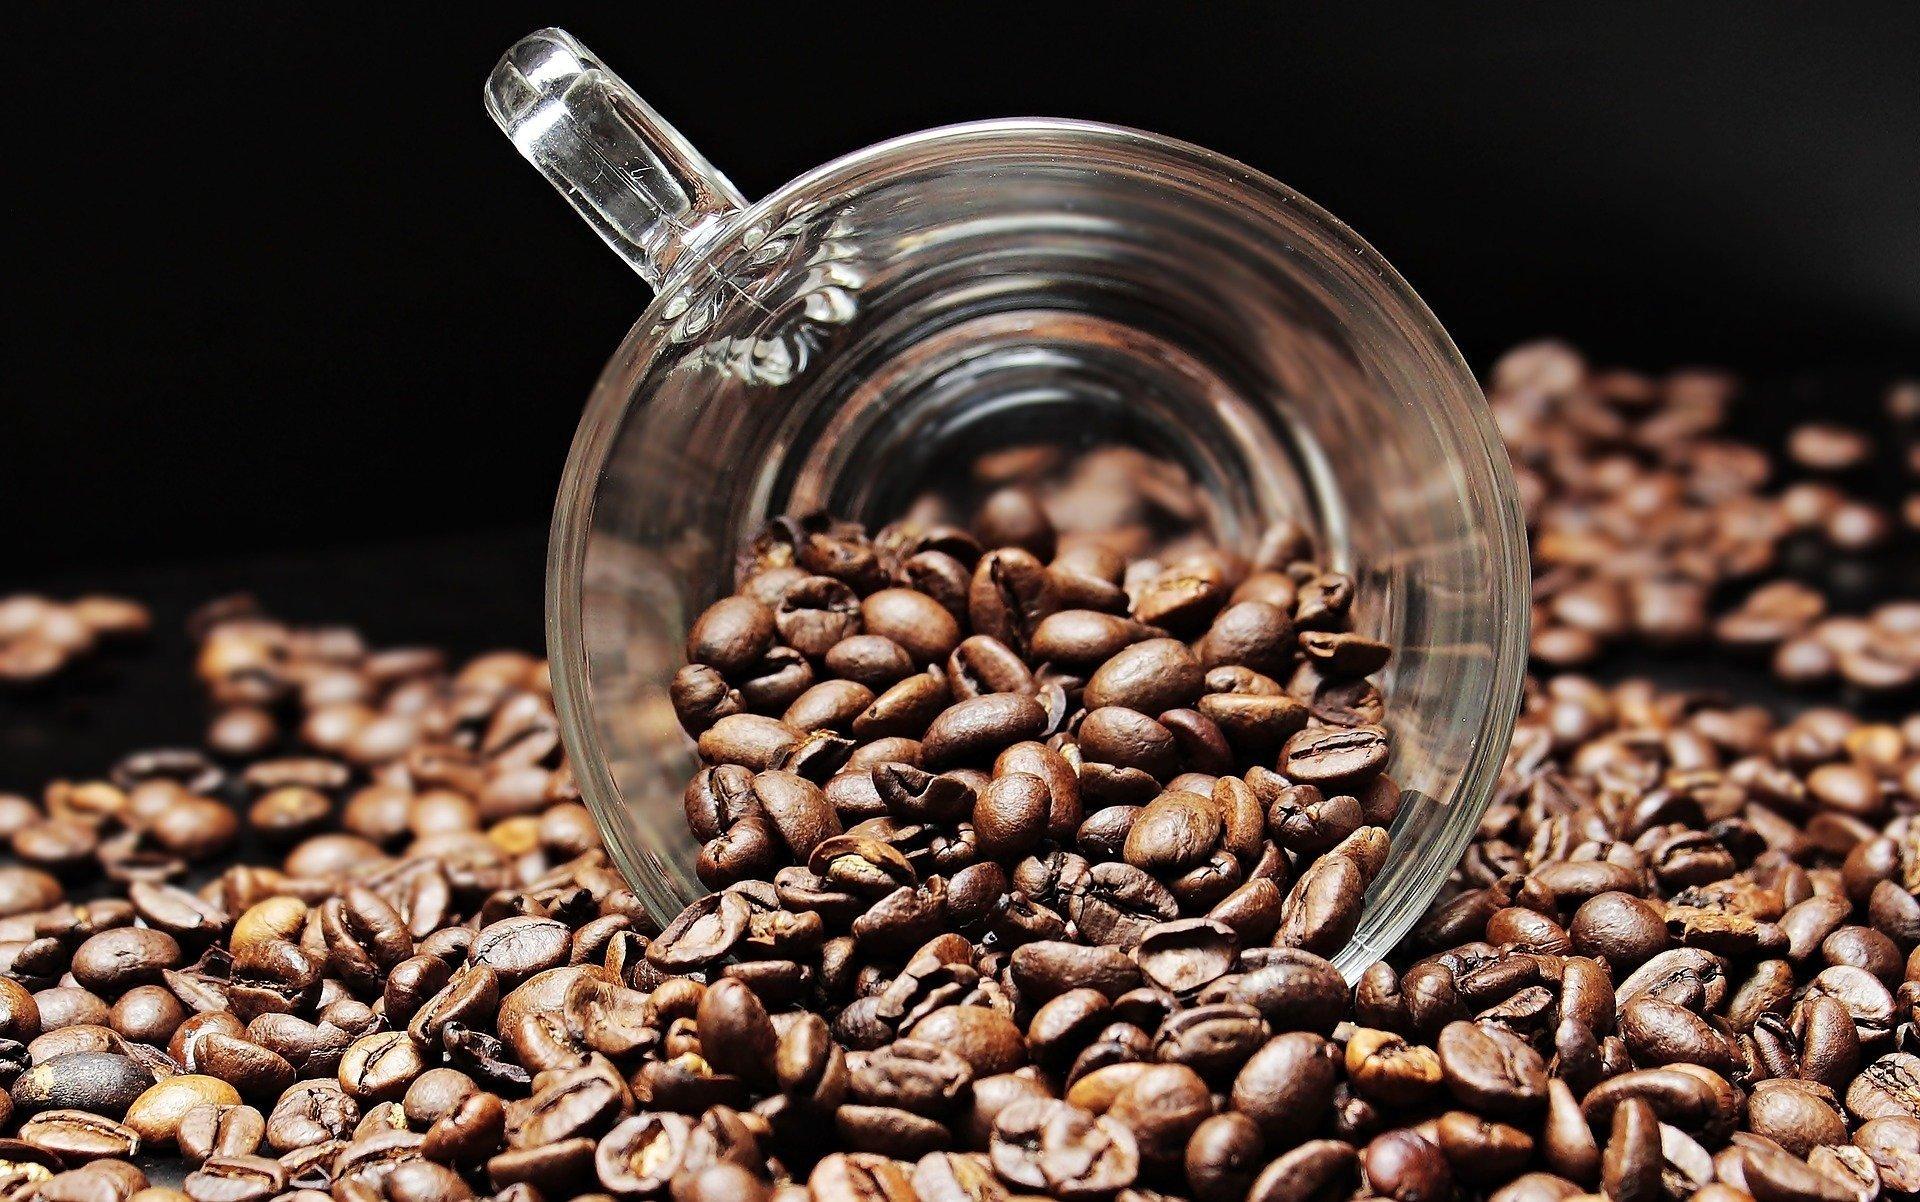 Кофе не навредит сердцу - исследование